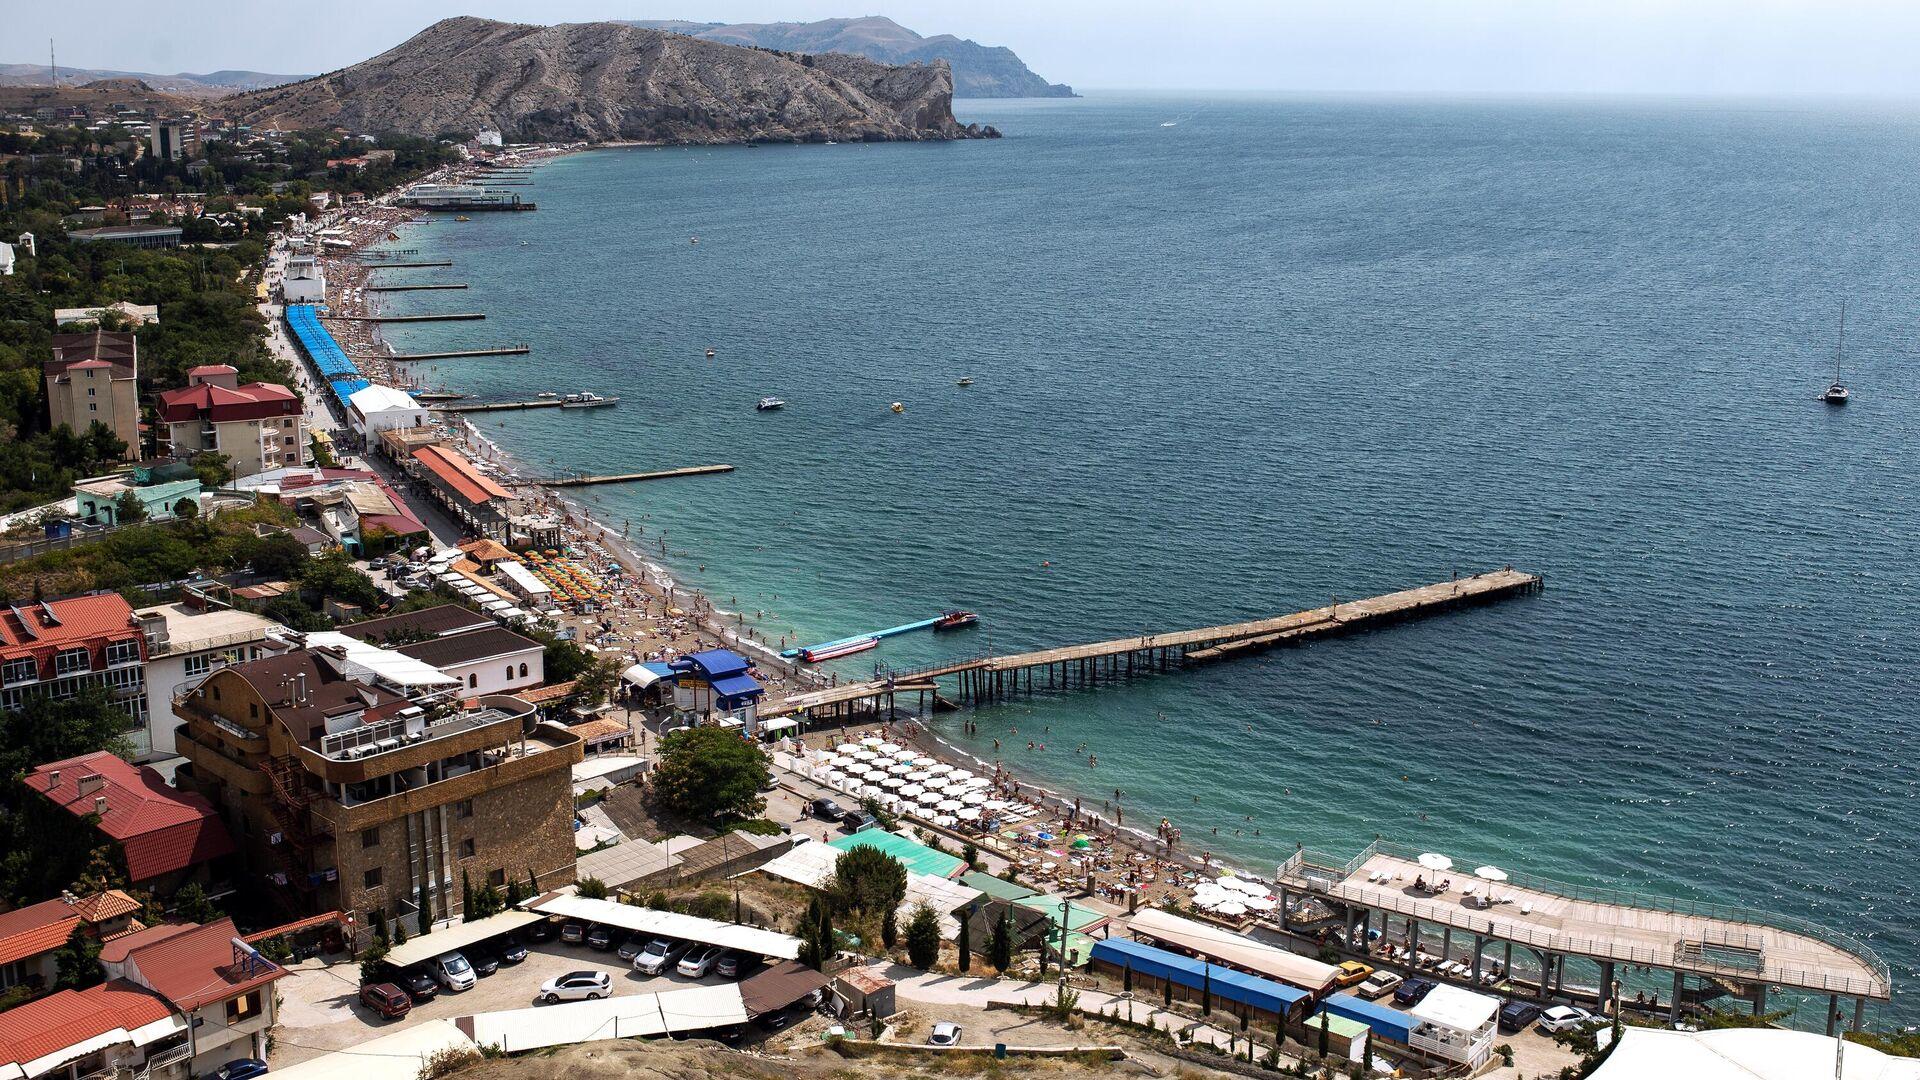 1571969133 0:225:2997:1911 1920x0 80 0 0 e9e6bfb9b1bfdda0f56380010e5267e1 - Белорусы в Крыму призвали Лукашенко посетить полуостров